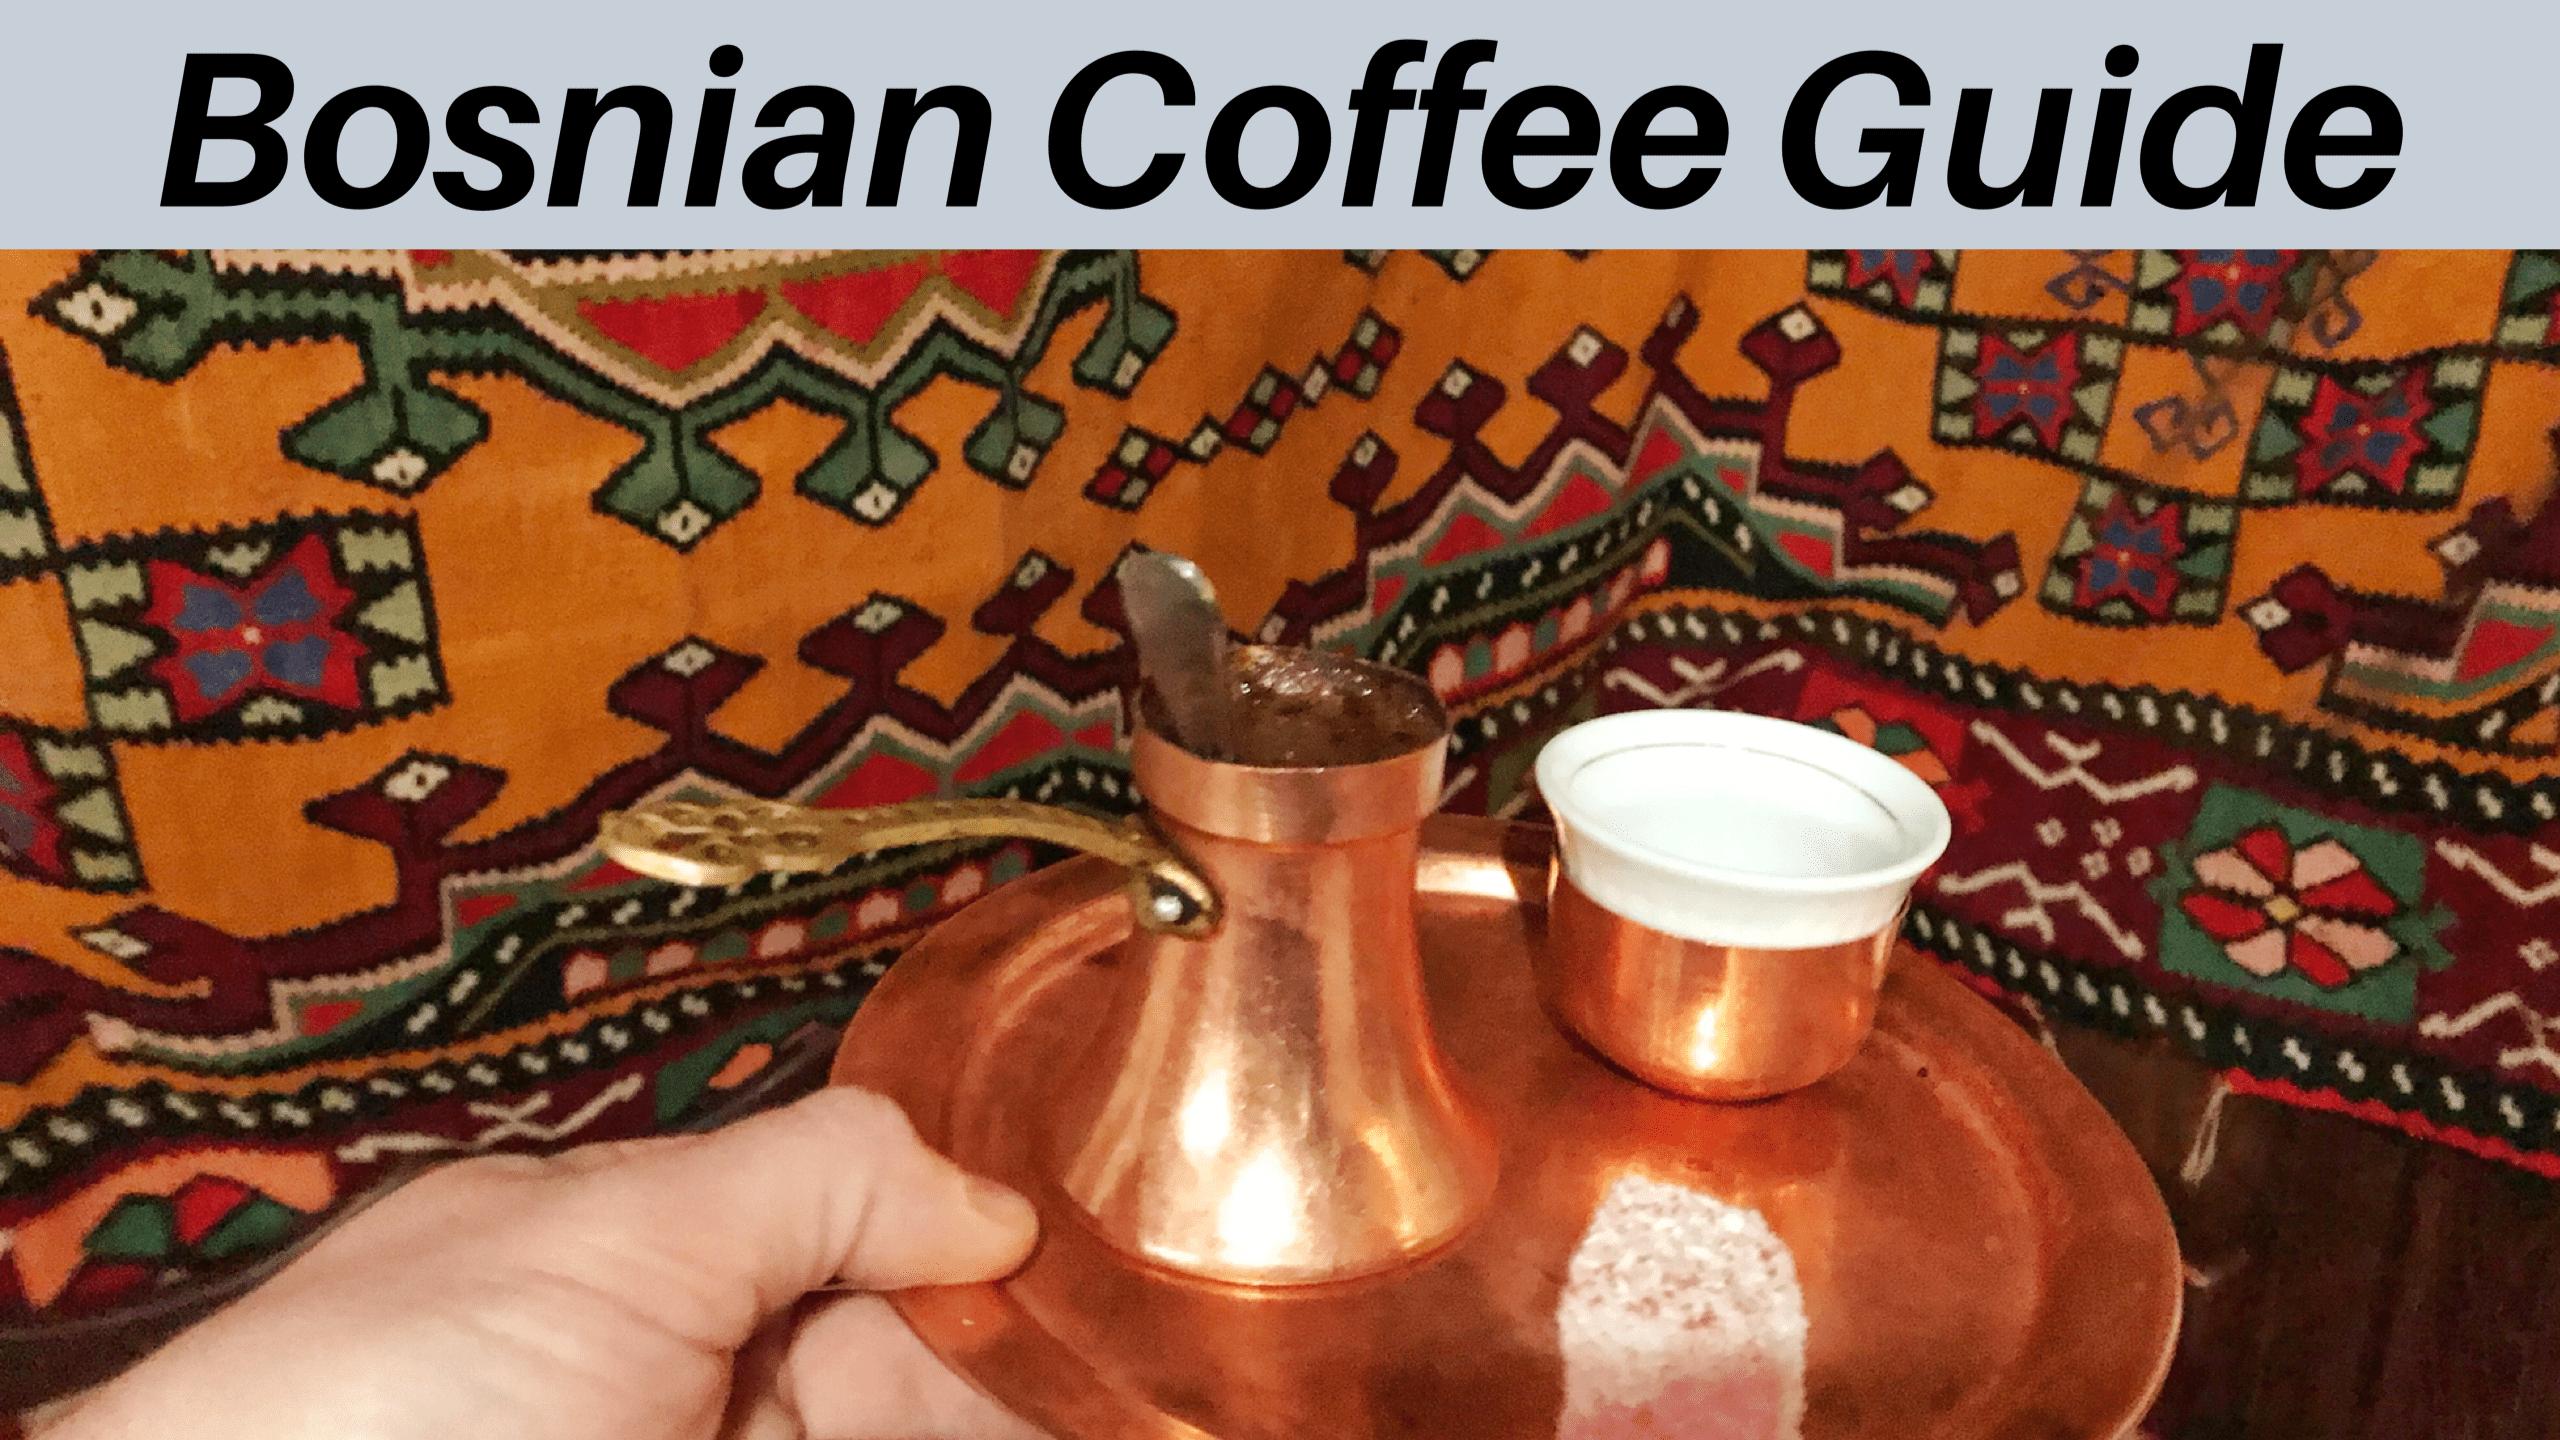 Bosnian Coffee Guide